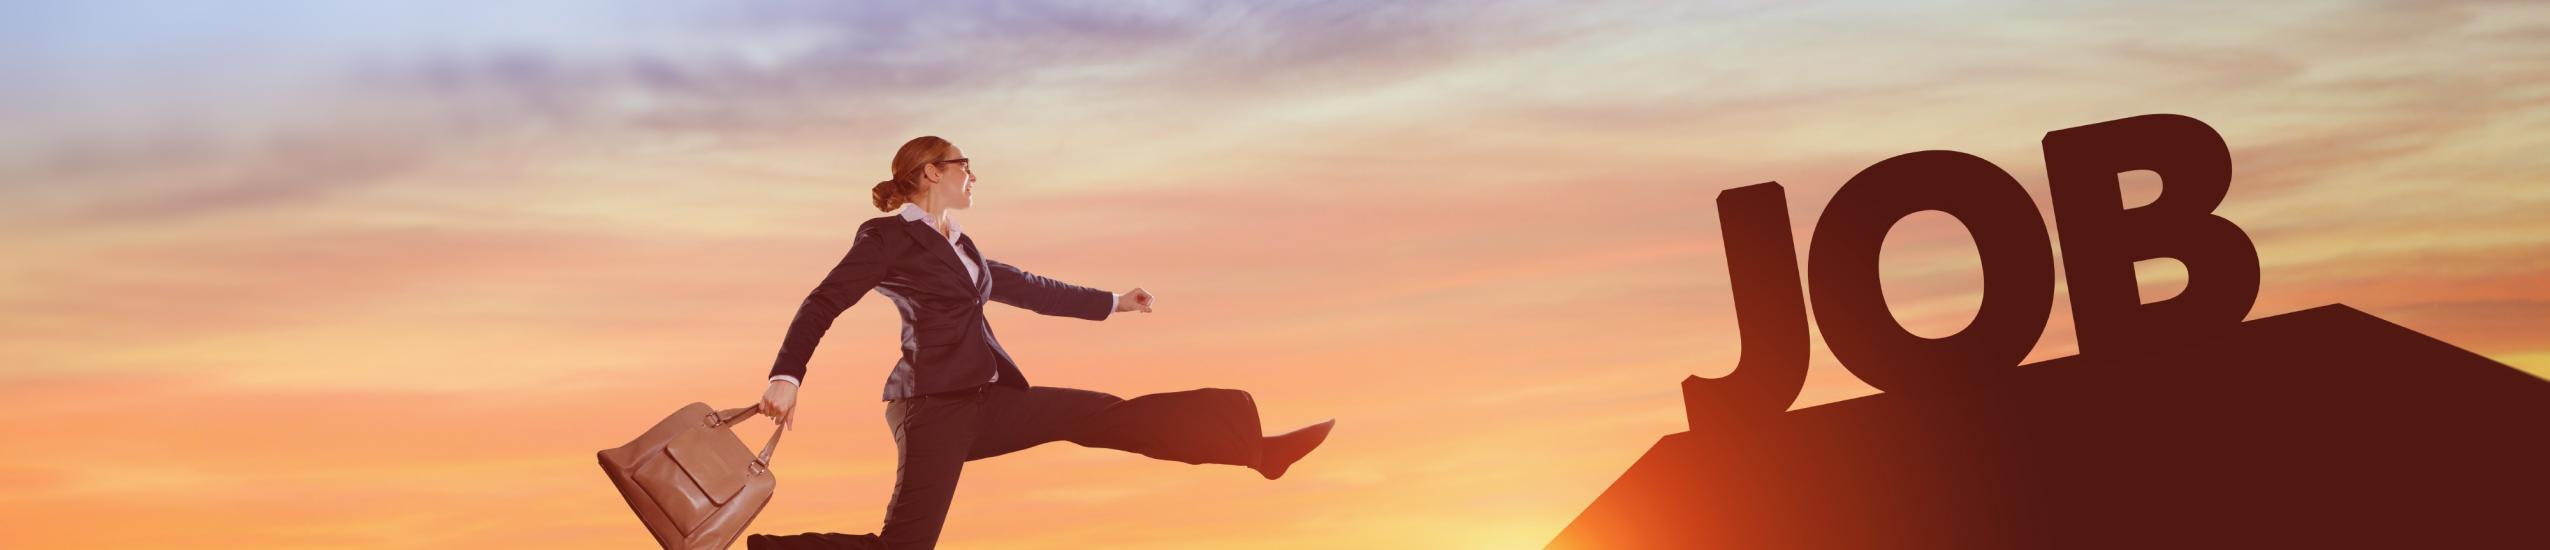 Disegno di una donna che salta tra due monti in direzione della parola lavoro